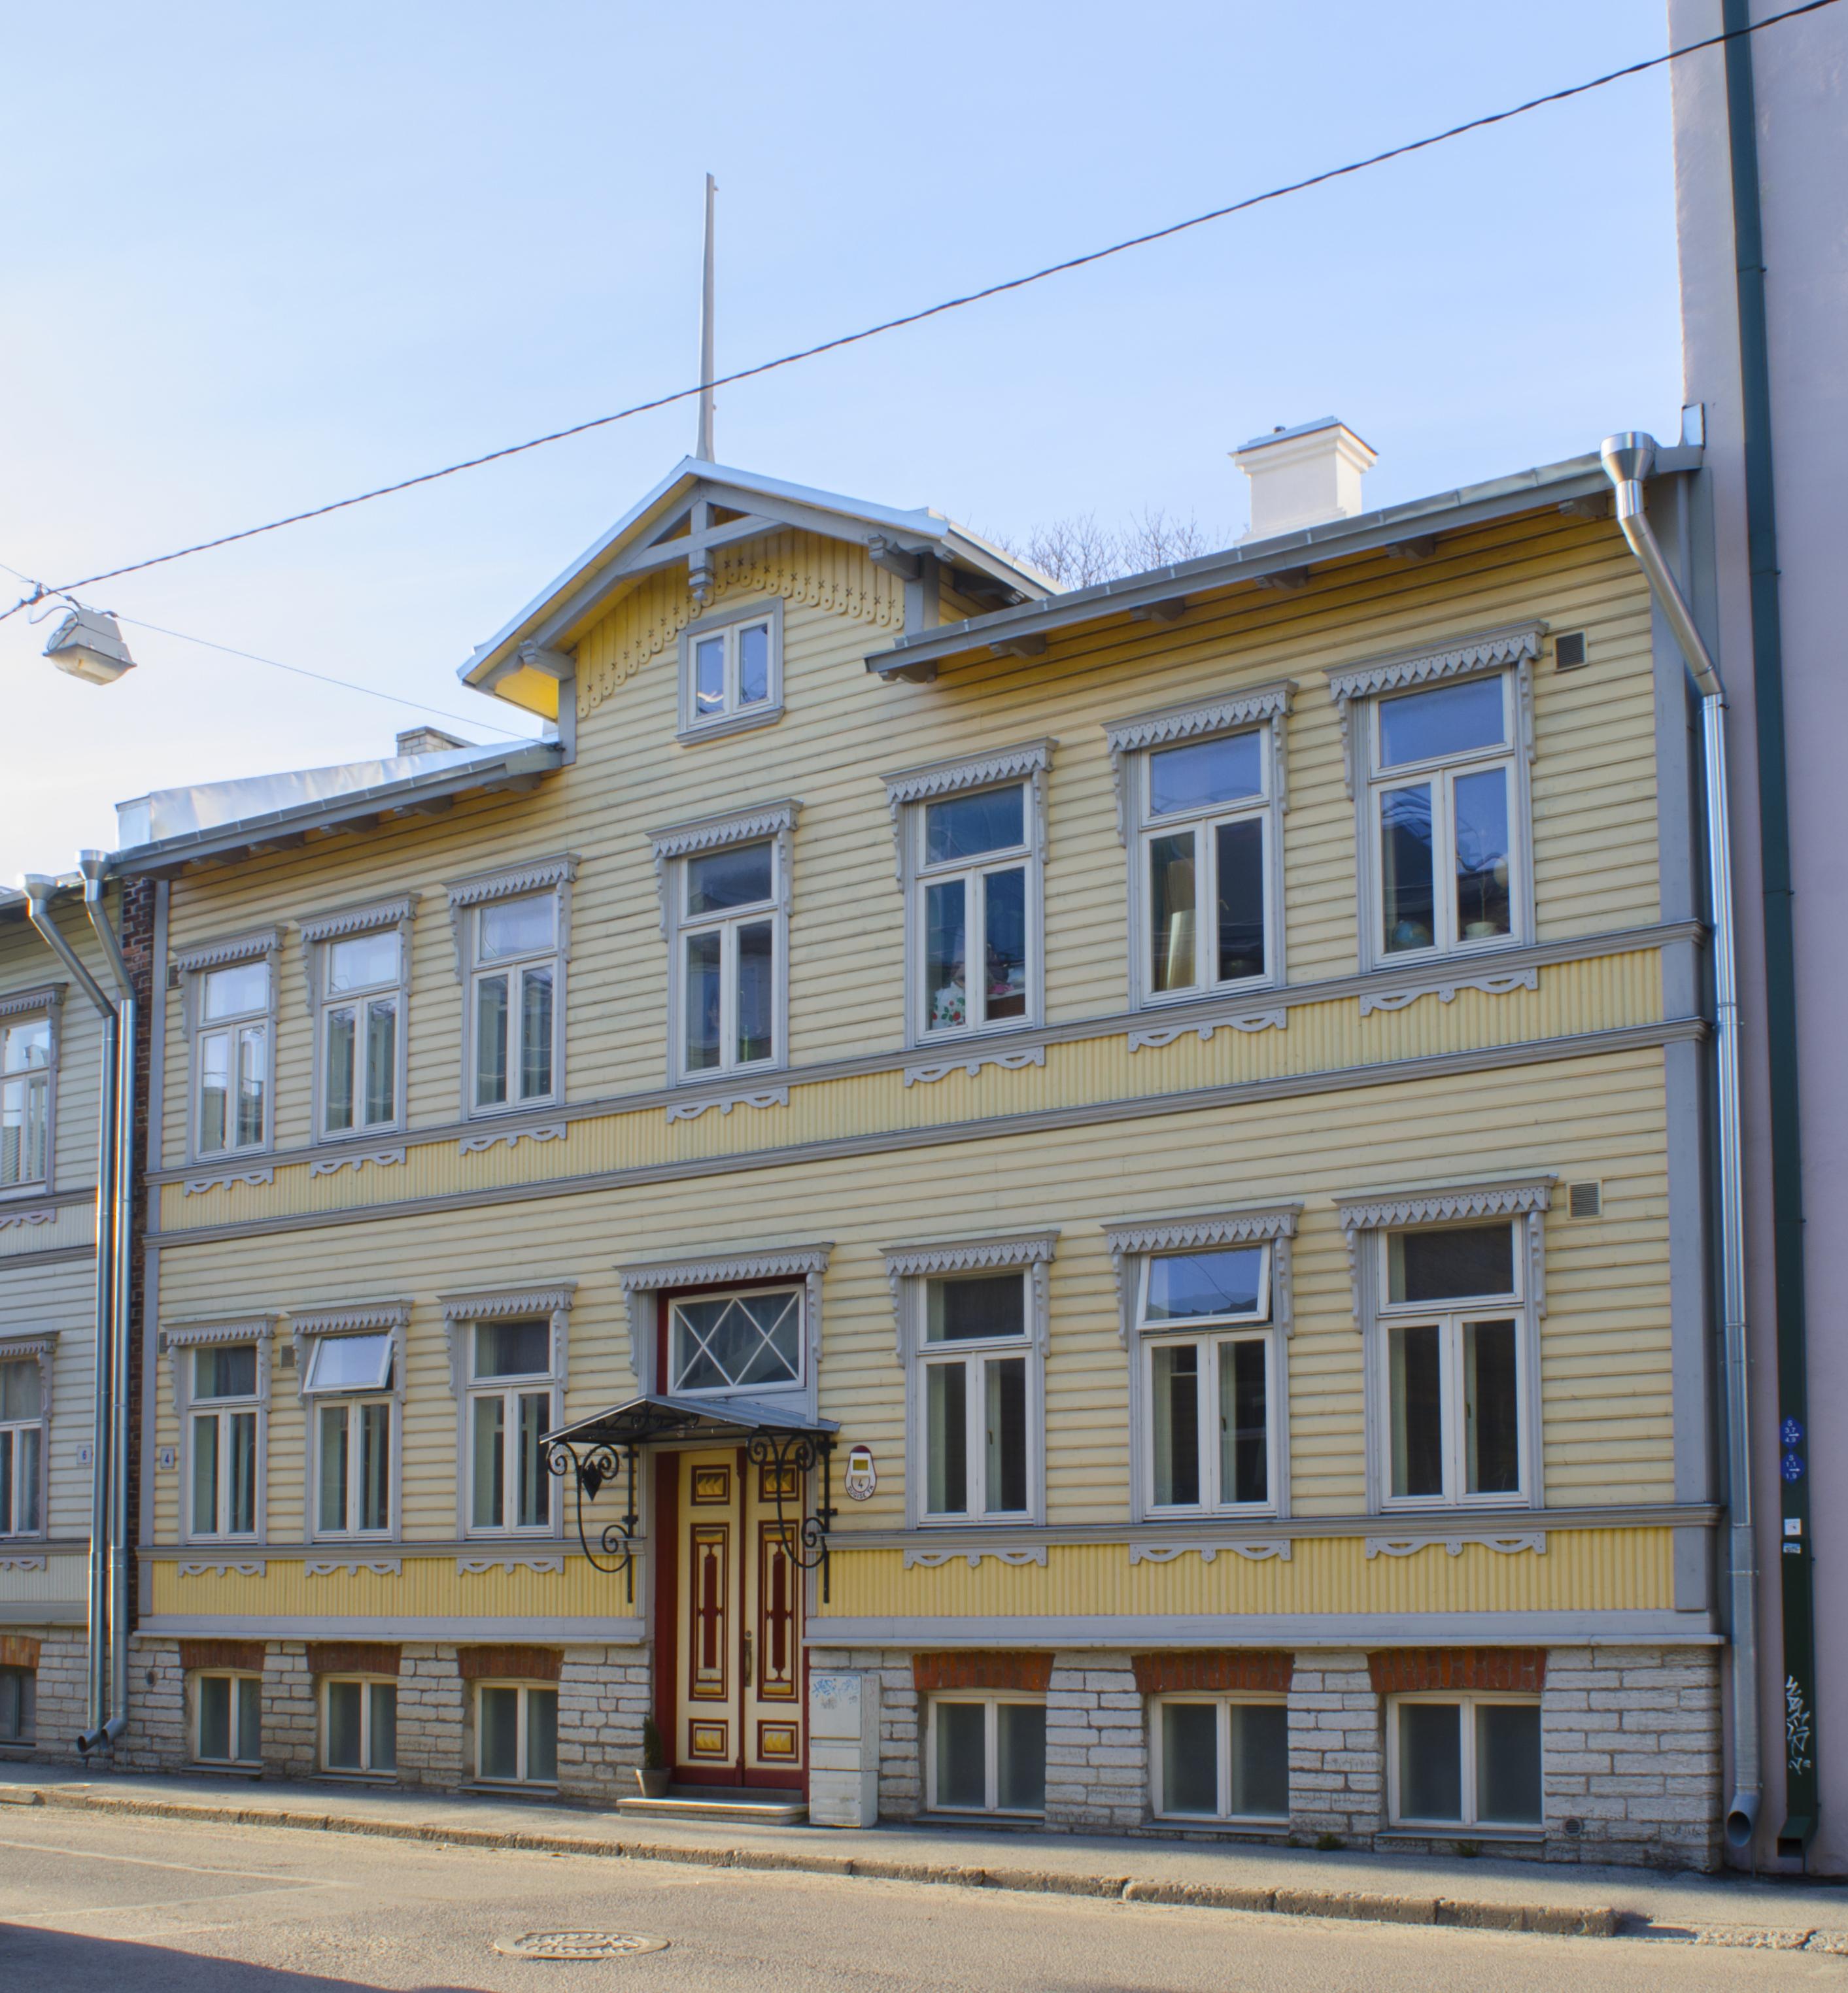 16beb689b50 Lenderi maja ning Tallinna maja | Digiõppevaramu